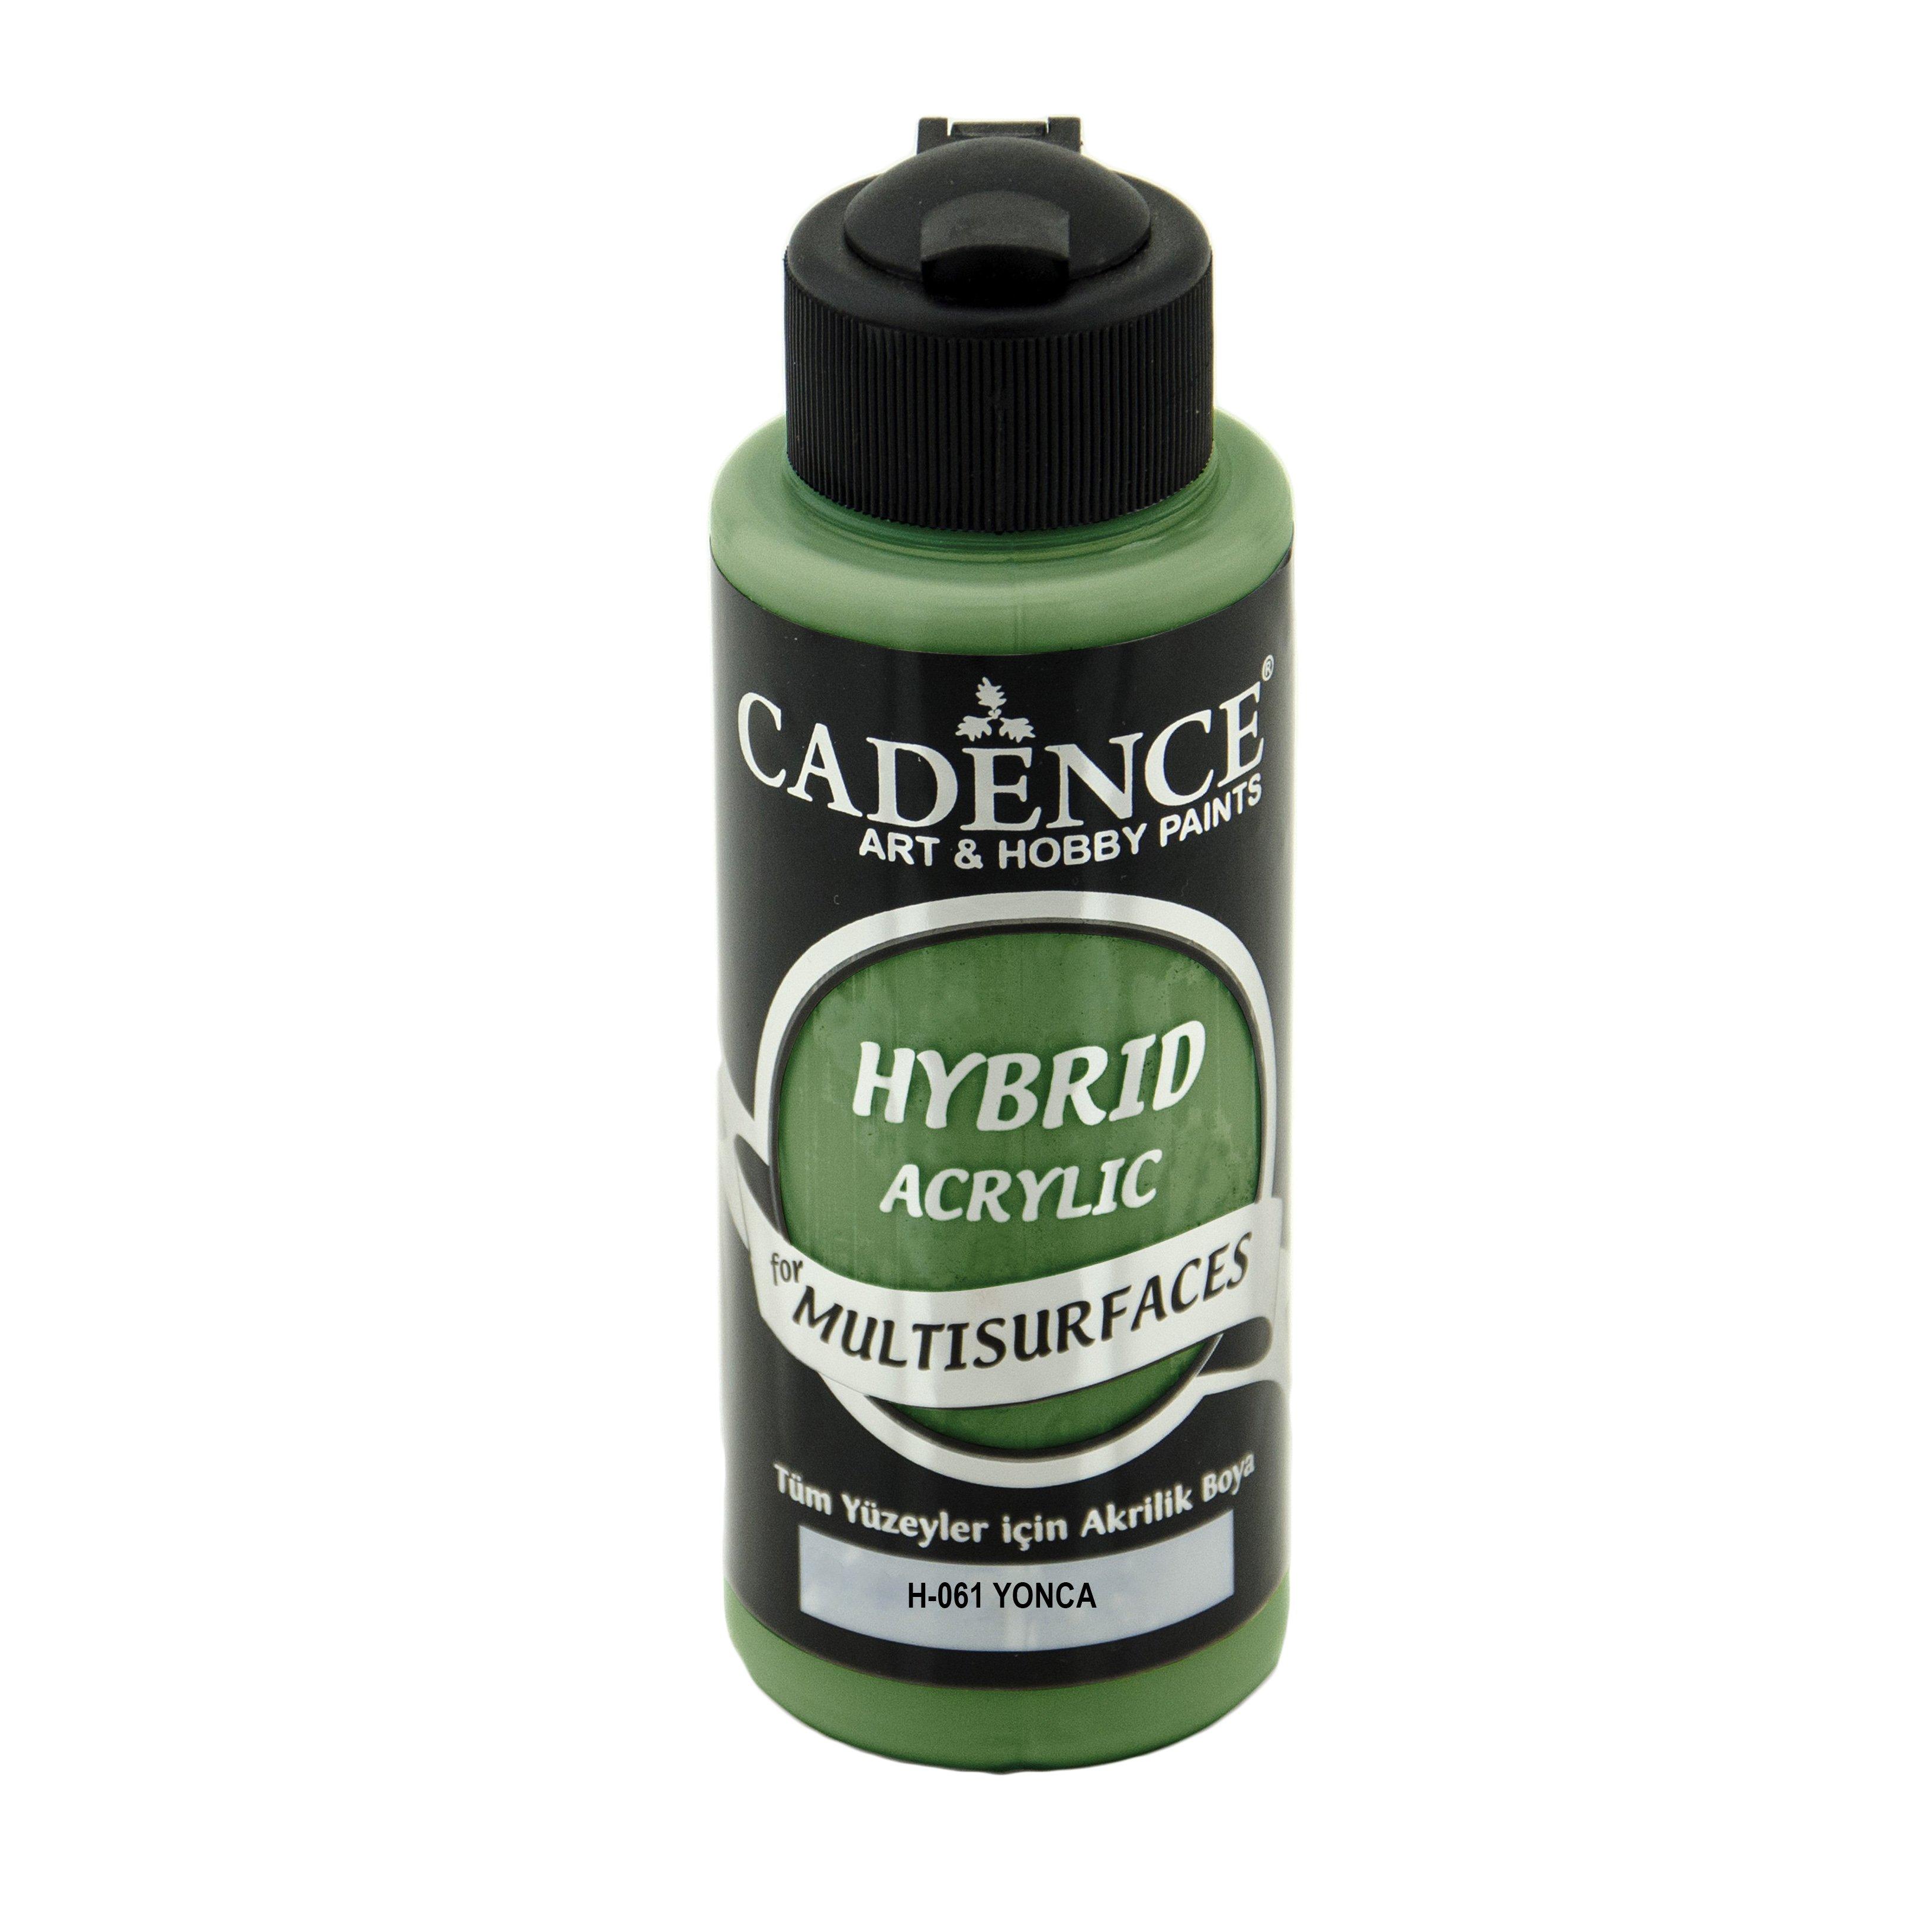 Cadence Hybrid Multisurface Akrilik Boya 120ml H 061 Yonca 10 00